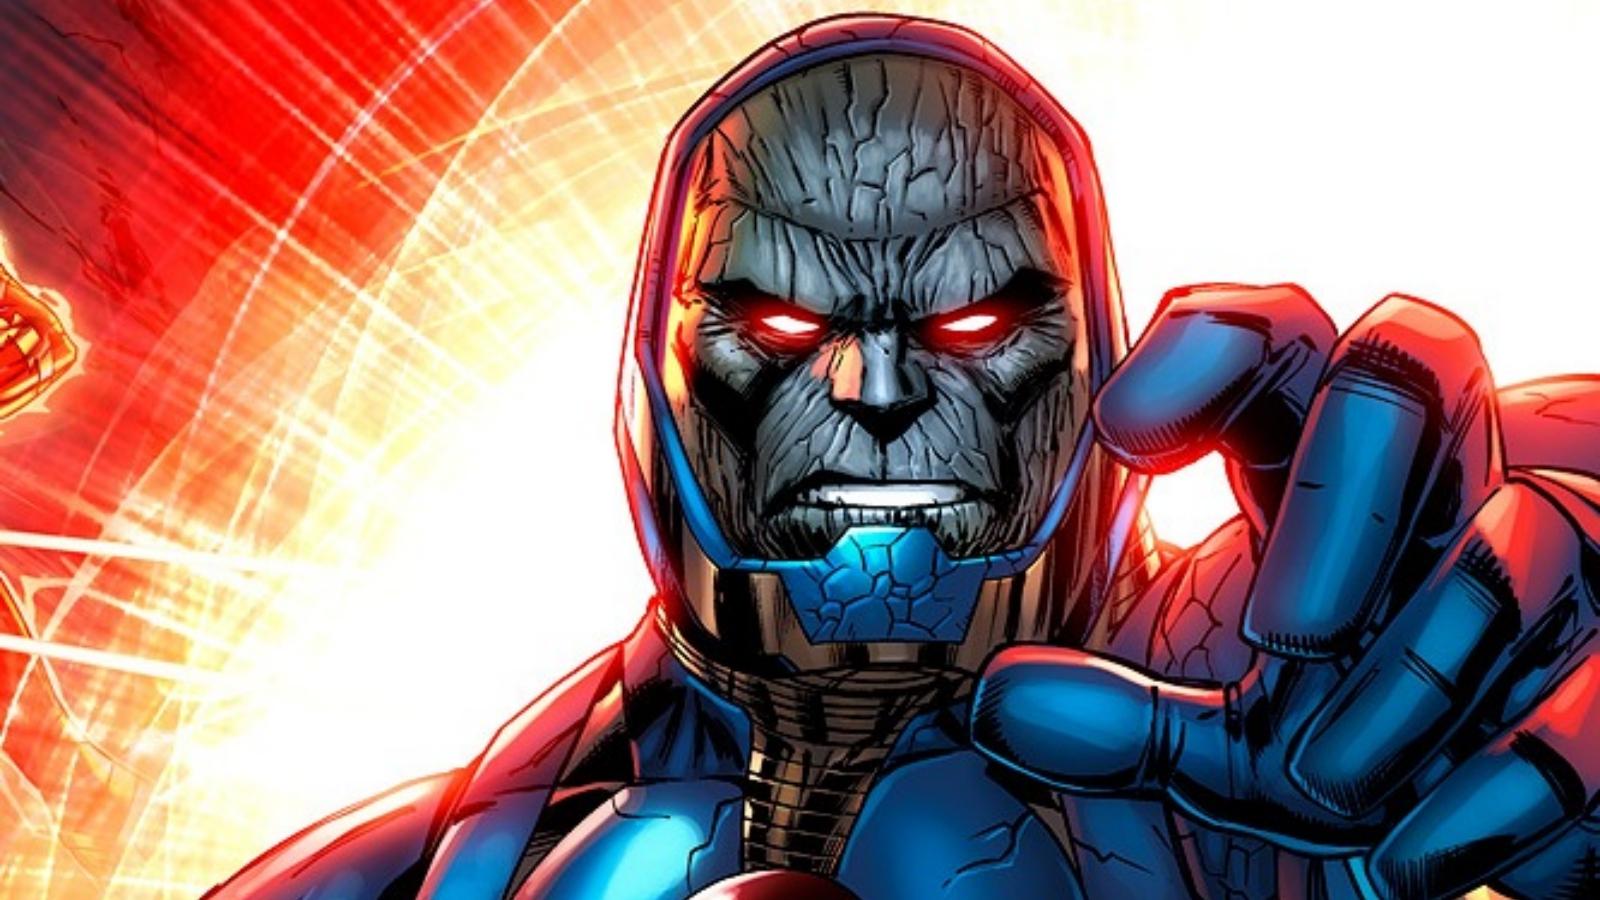 The New Gods es la nueva película de DC Comics y Warner Bros, basado en los personajes que creó Jack Kirby, incluido Darkseid.